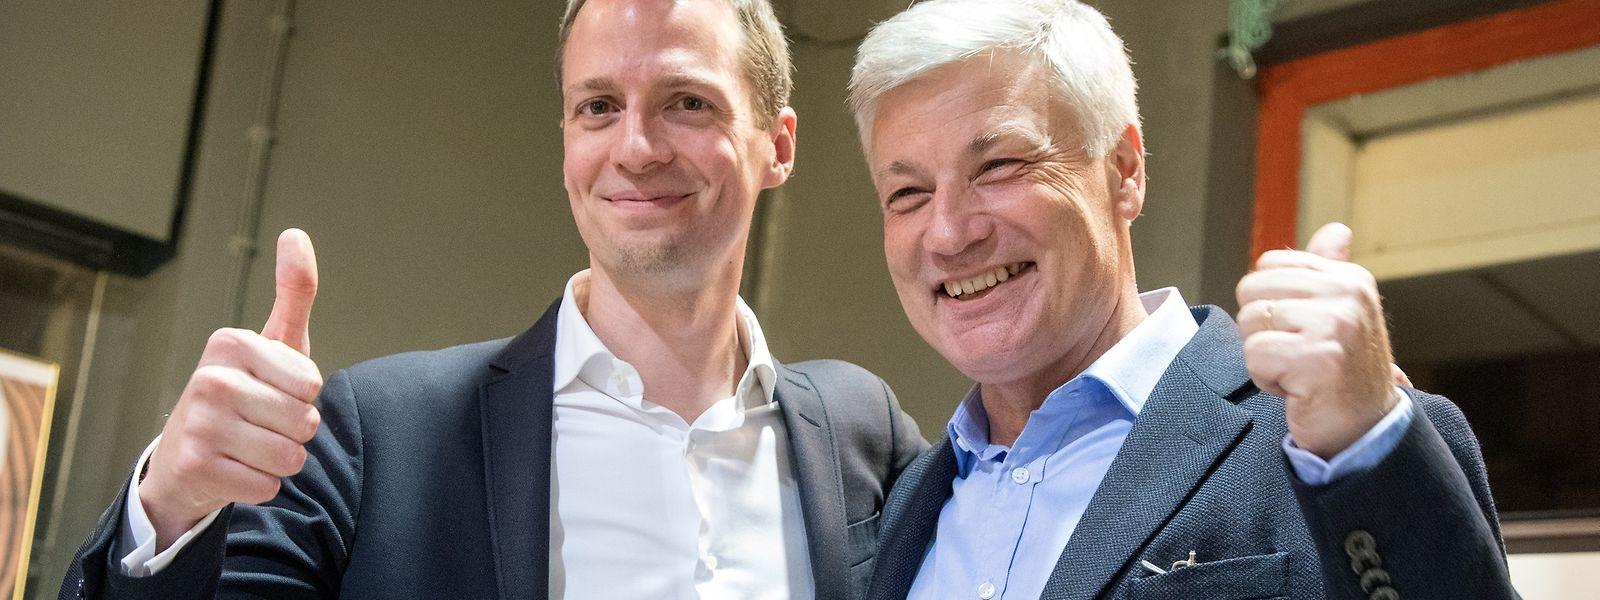 Serge Wilmes, que conquistou mais dois mandatos na capital, é um dos rostos da vitória do CSV – aqui com Claude Wiseler, candidato a primeiro-ministro.